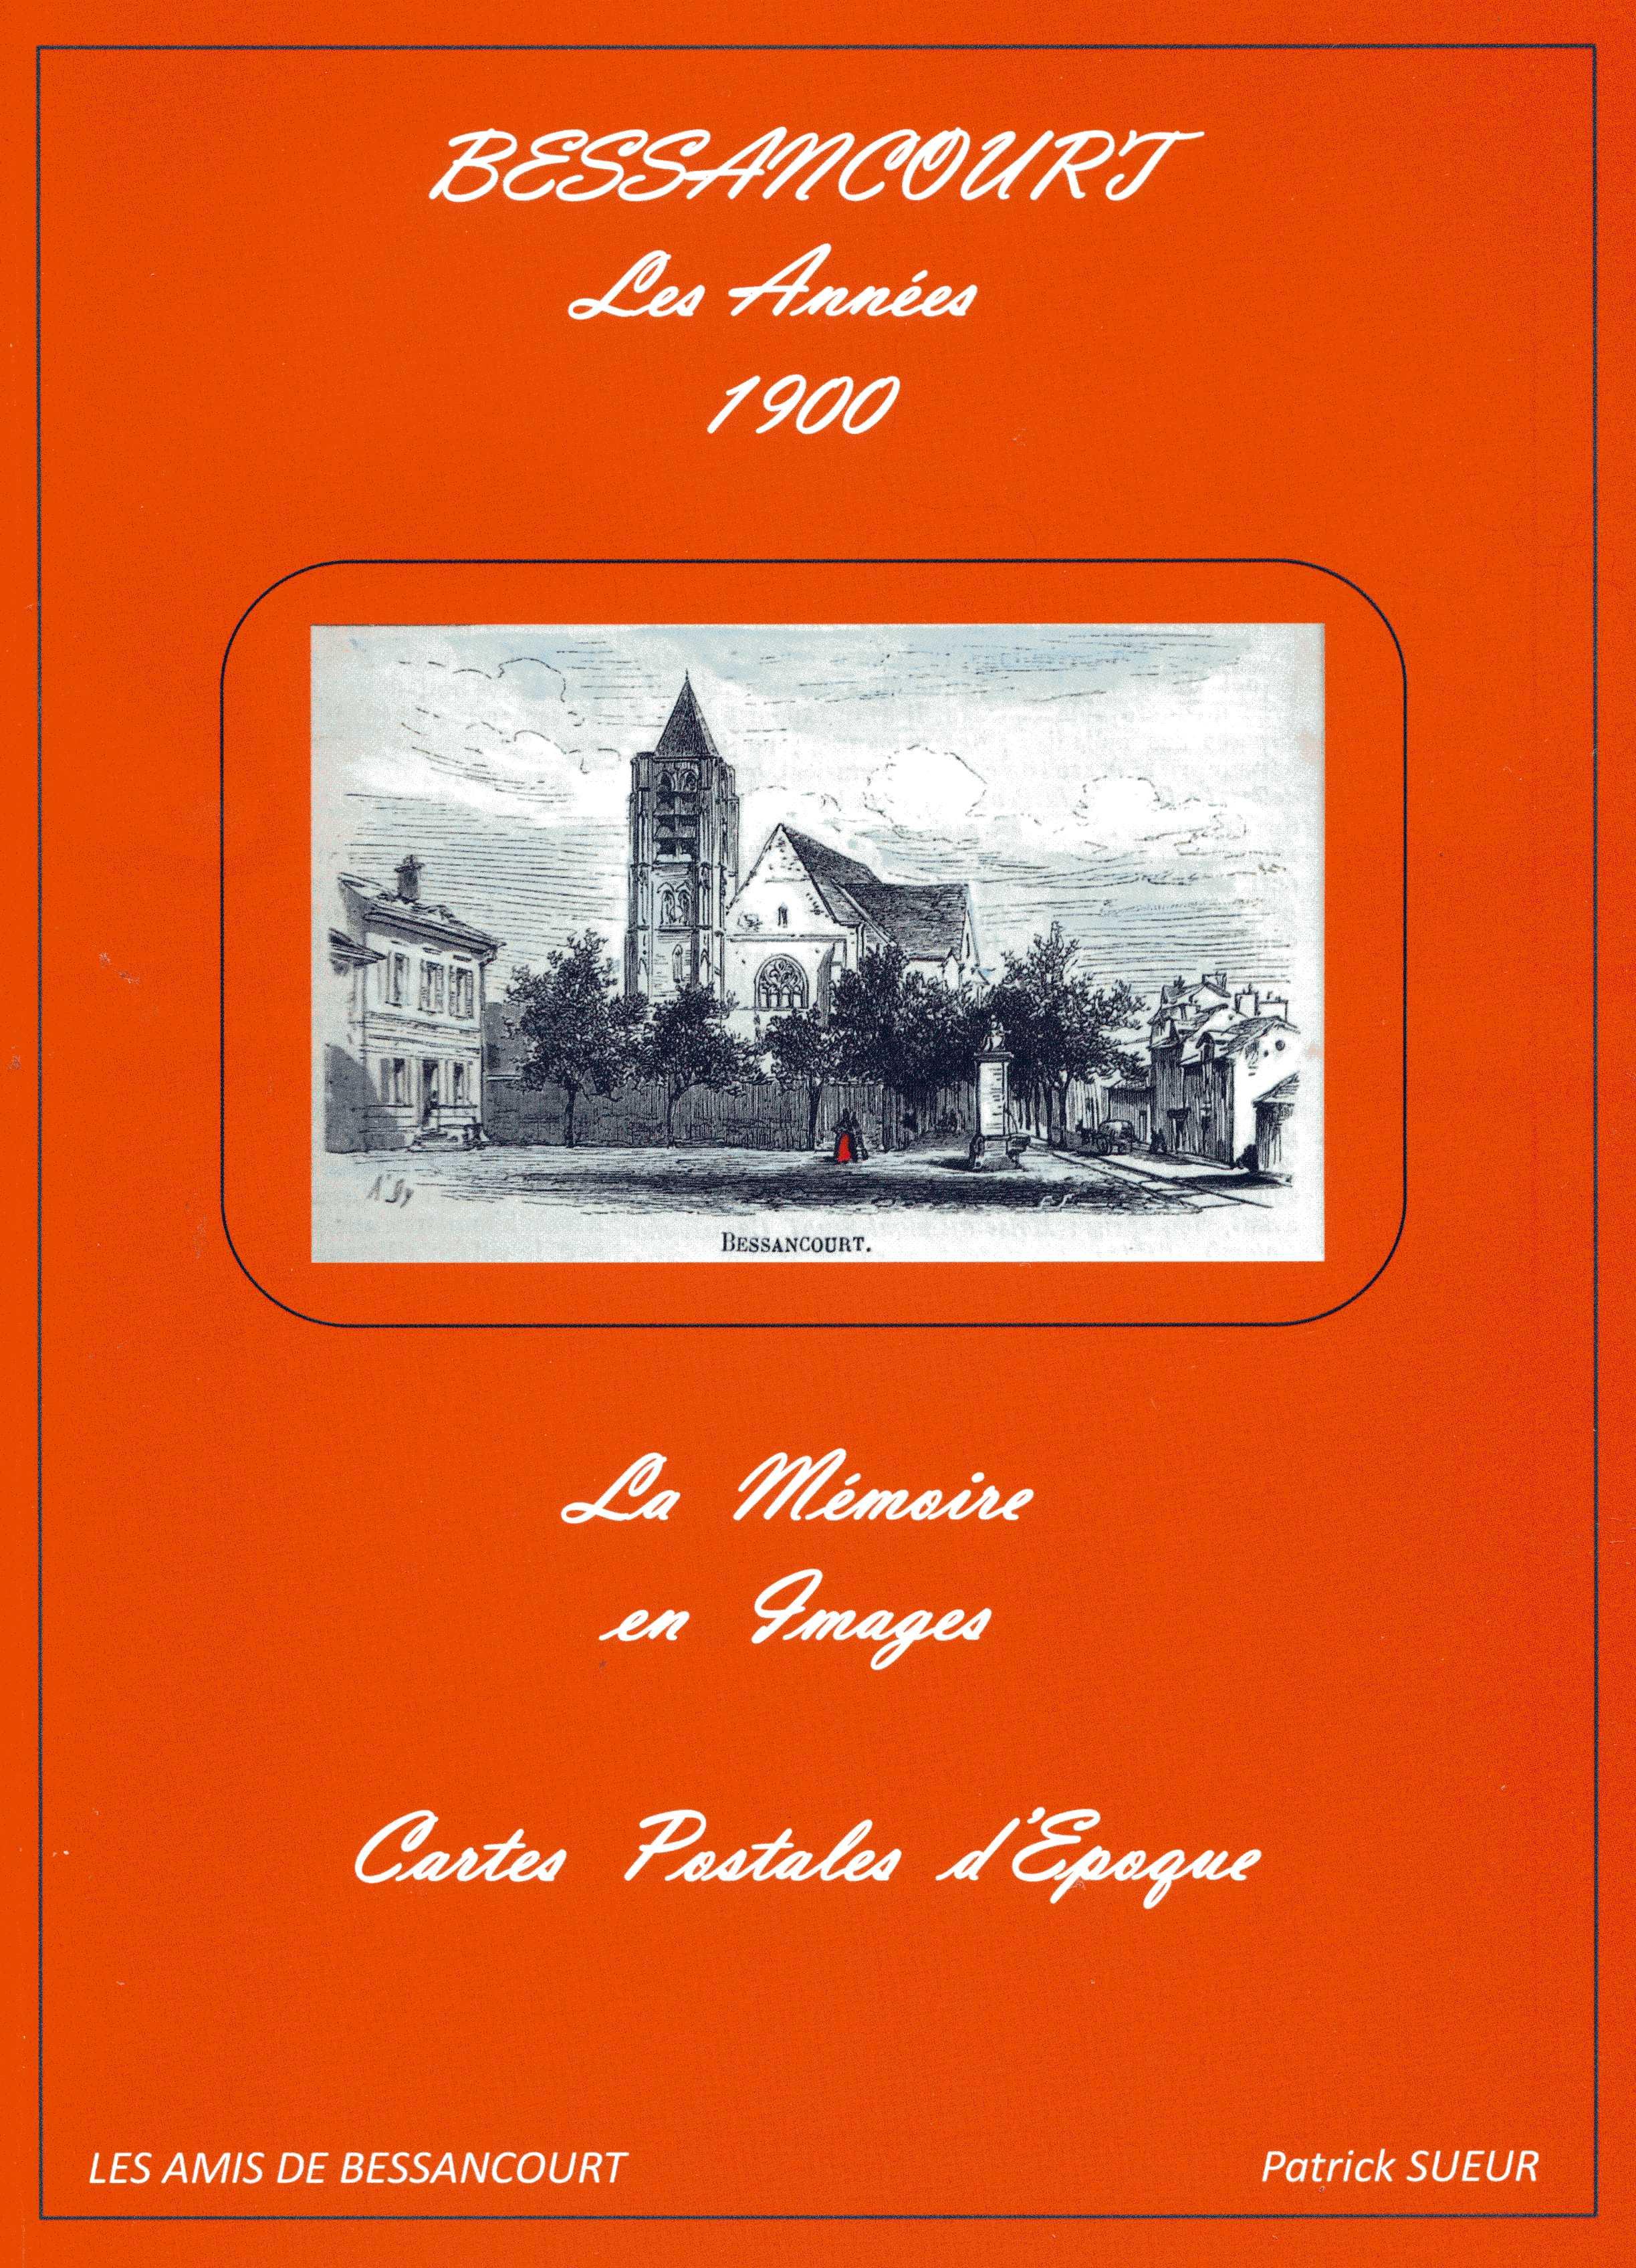 Bessancourt - Les années 1900